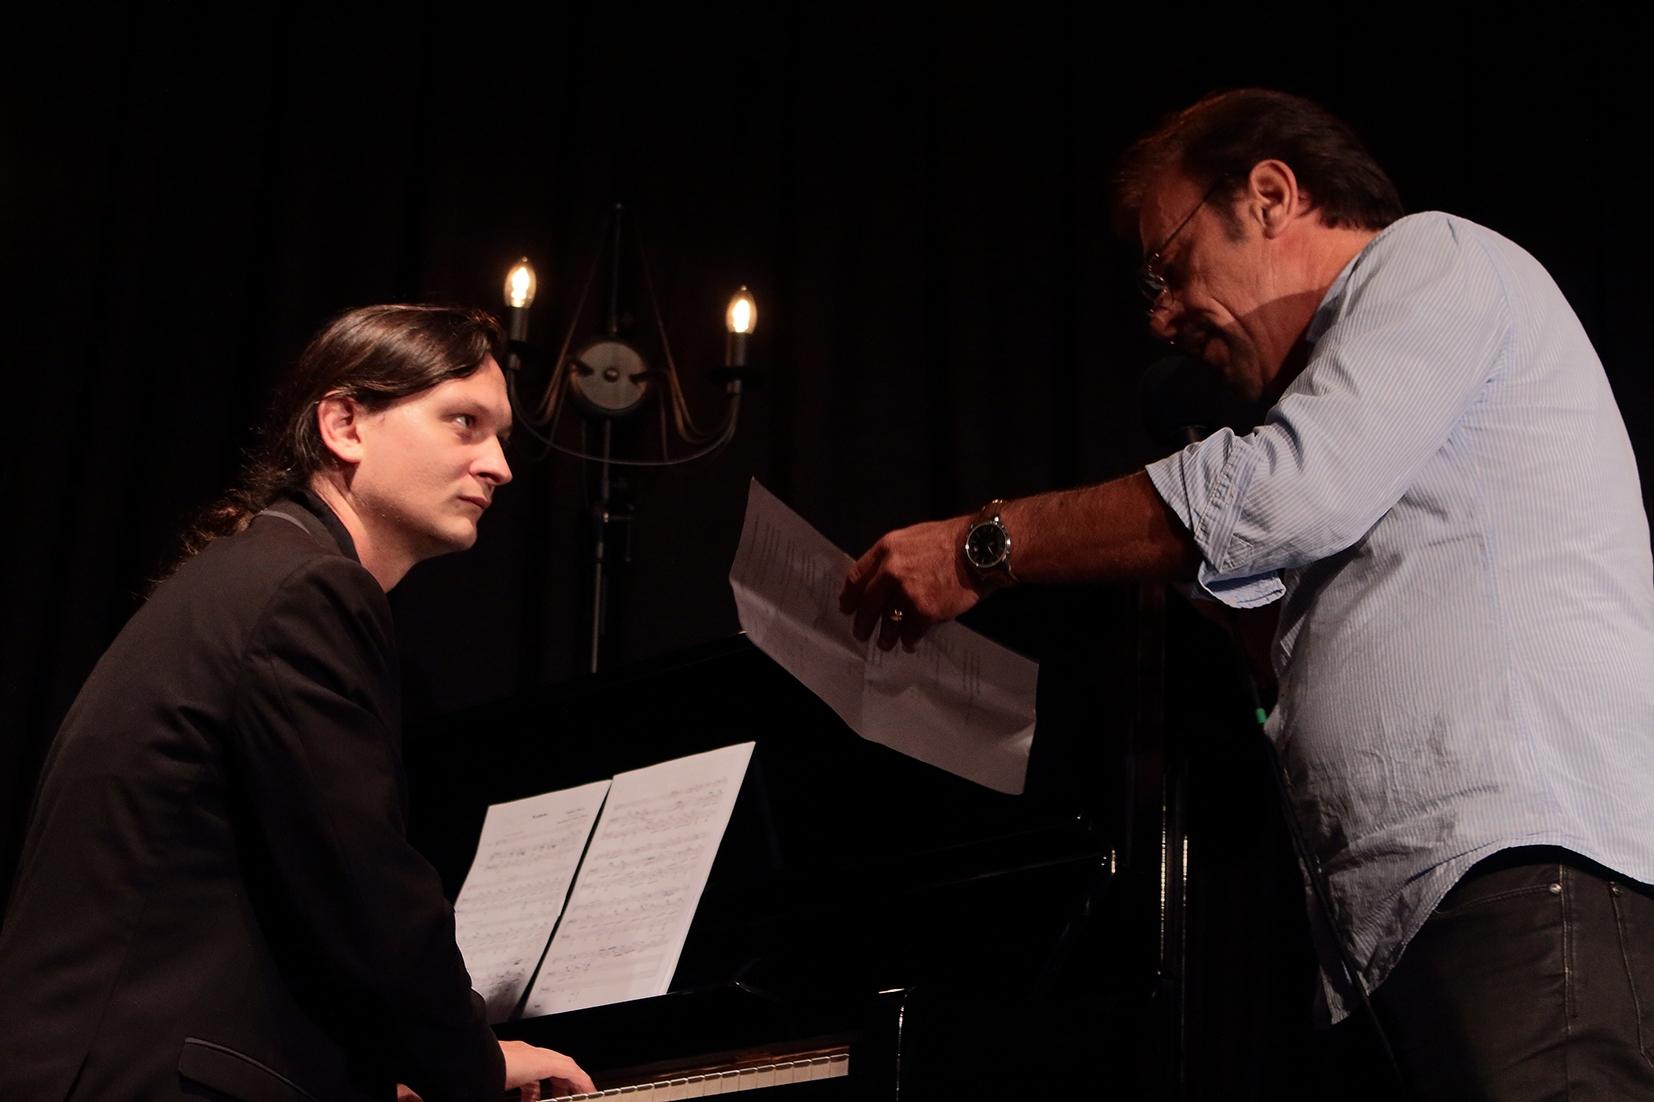 Antoine Coesens et Etienne Champollion. Concèze 2014